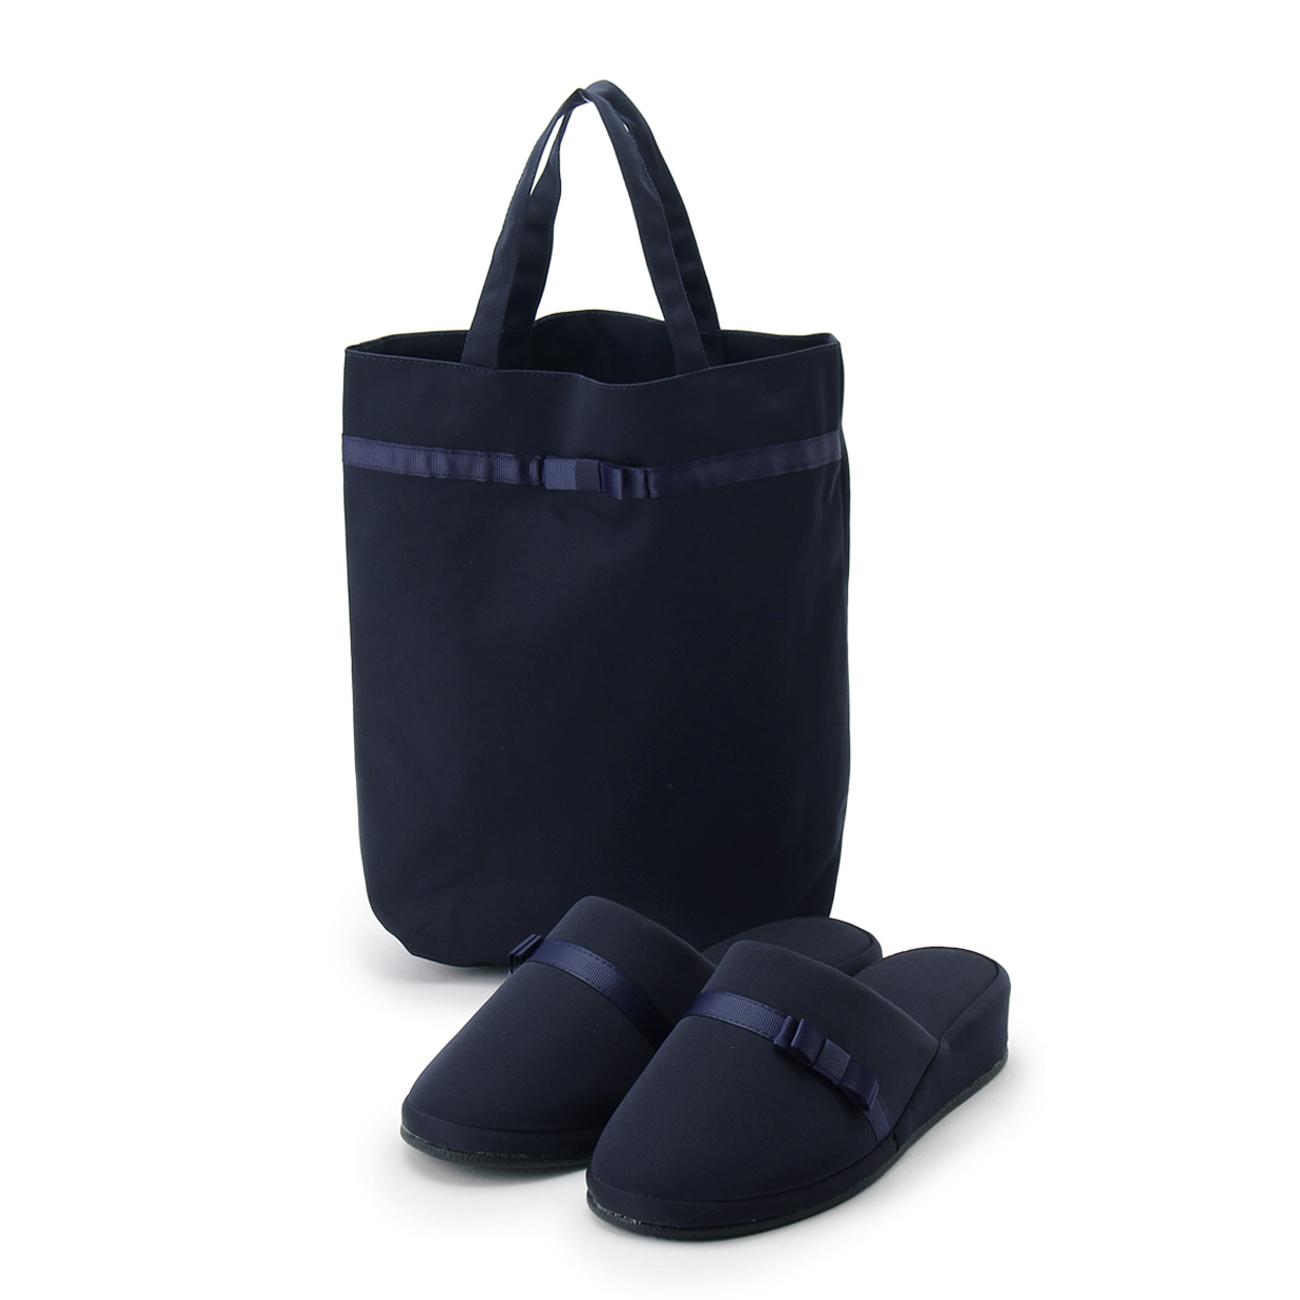 【SHOO・LA・RUE (シューラルー)】携帯バッグ付セレモニースリッパレディース シューズ|ルームシューズ ネイビー